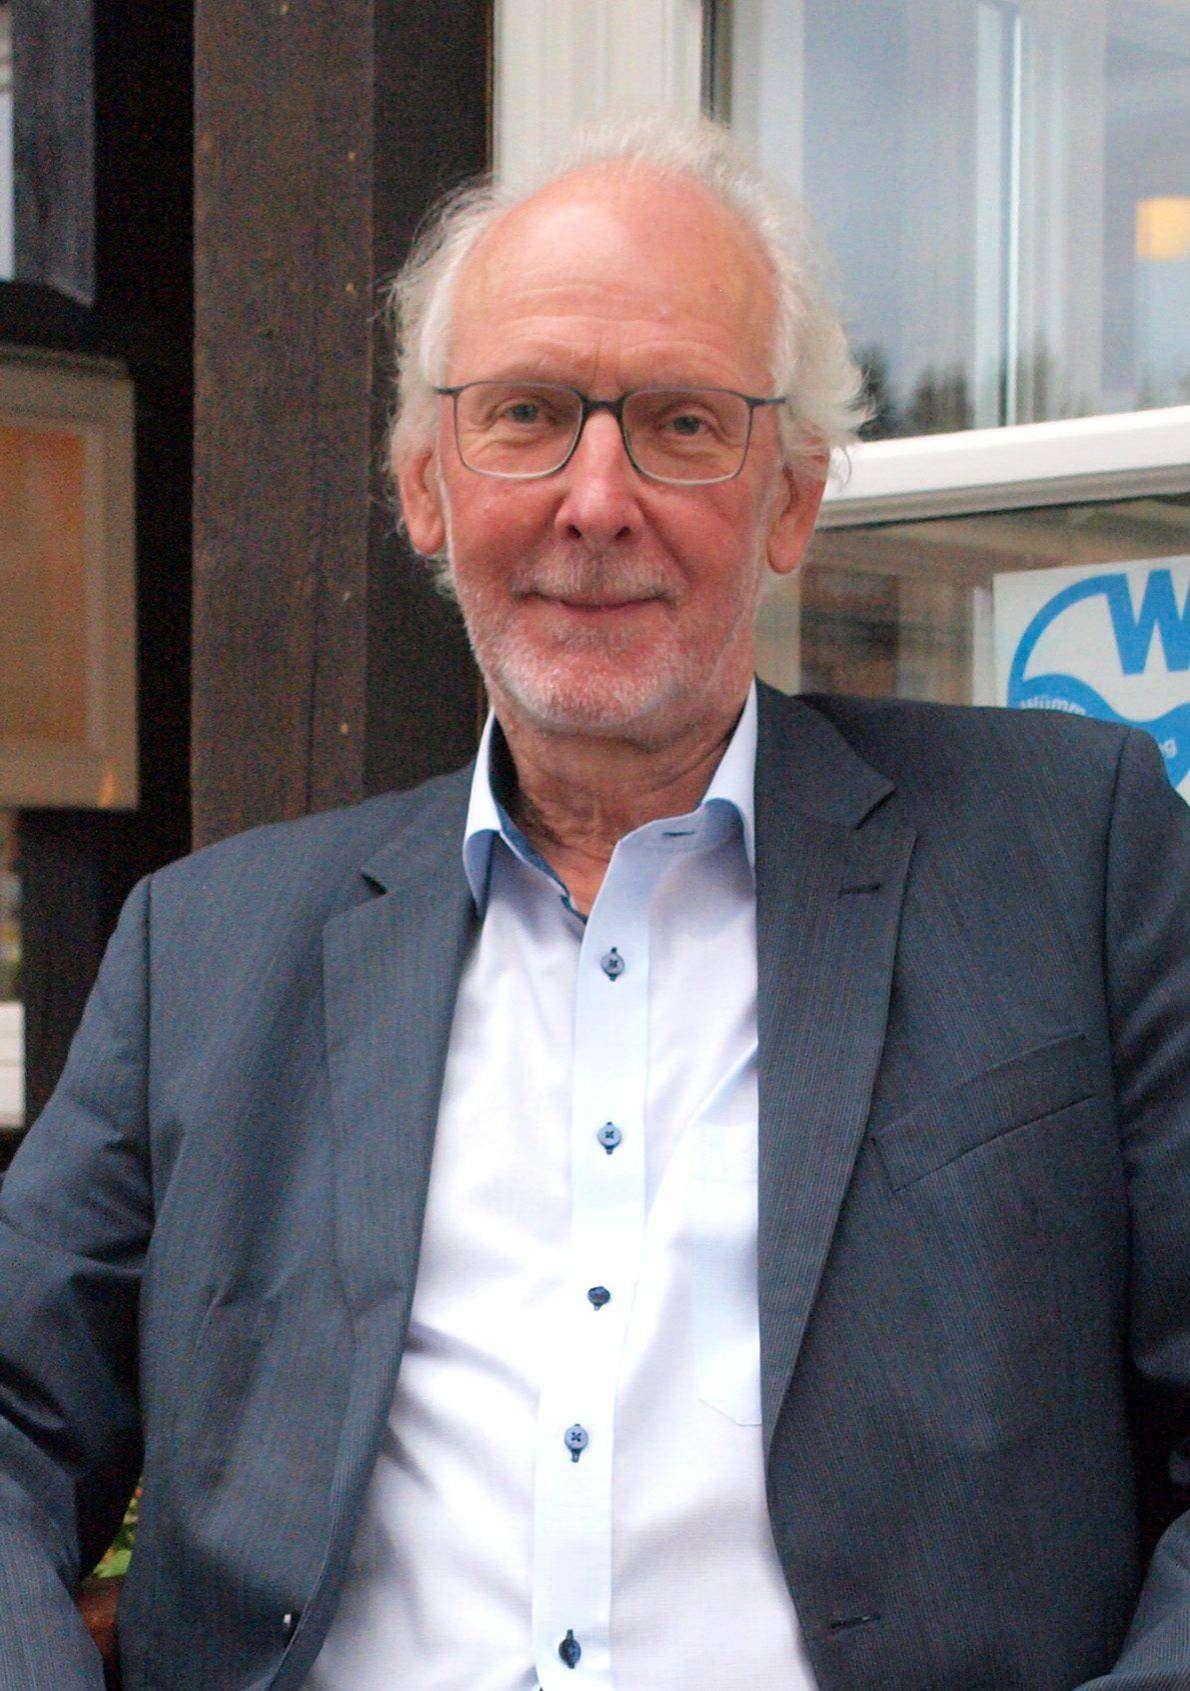 Schluss mit Arbeit: Hans-Joachim Boschen verabschiedet sich in den wohlverdienten Ruhestand.